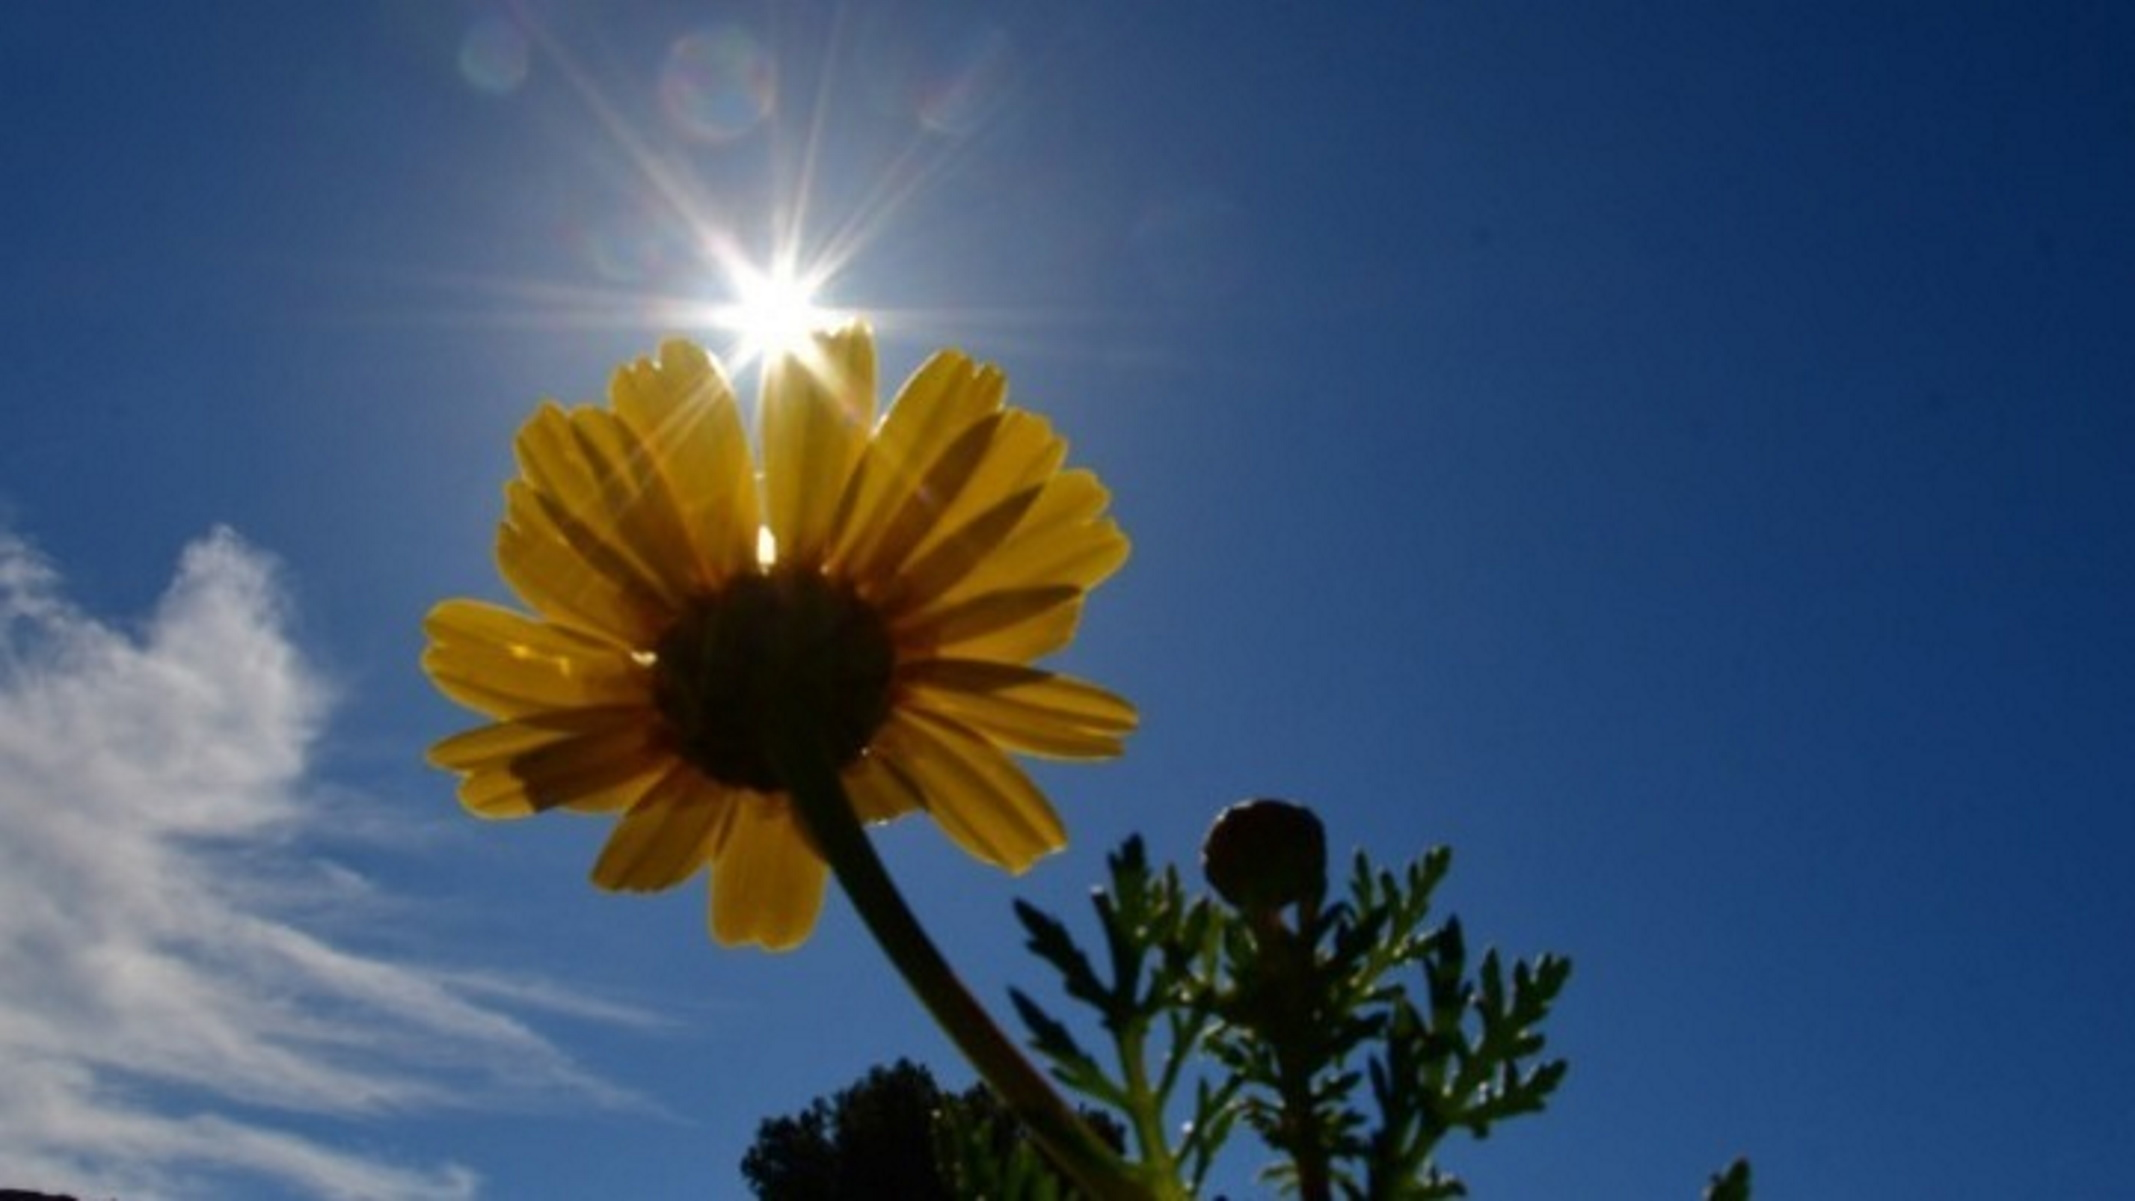 Καιρός σήμερα: Καλοκαιρινός με ήλιο και 30 βαθμούς Κελσίου